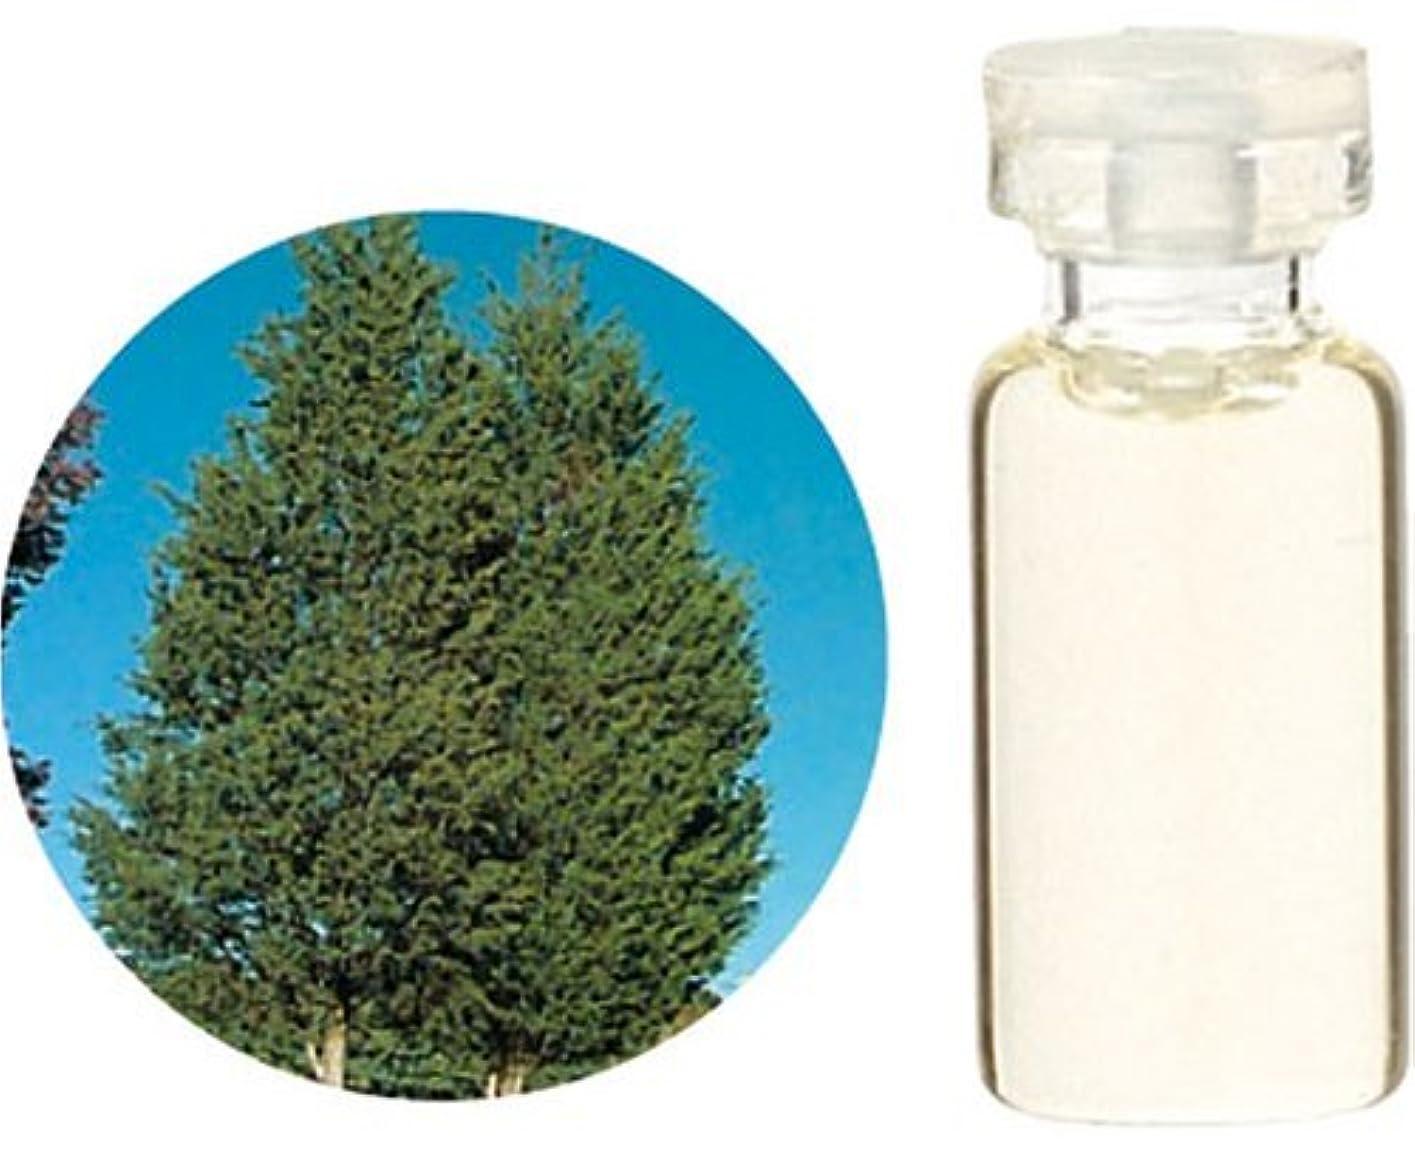 エラー噴出する強い生活の木 C シダーウッド バージニア エッセンシャルオイル 10ml